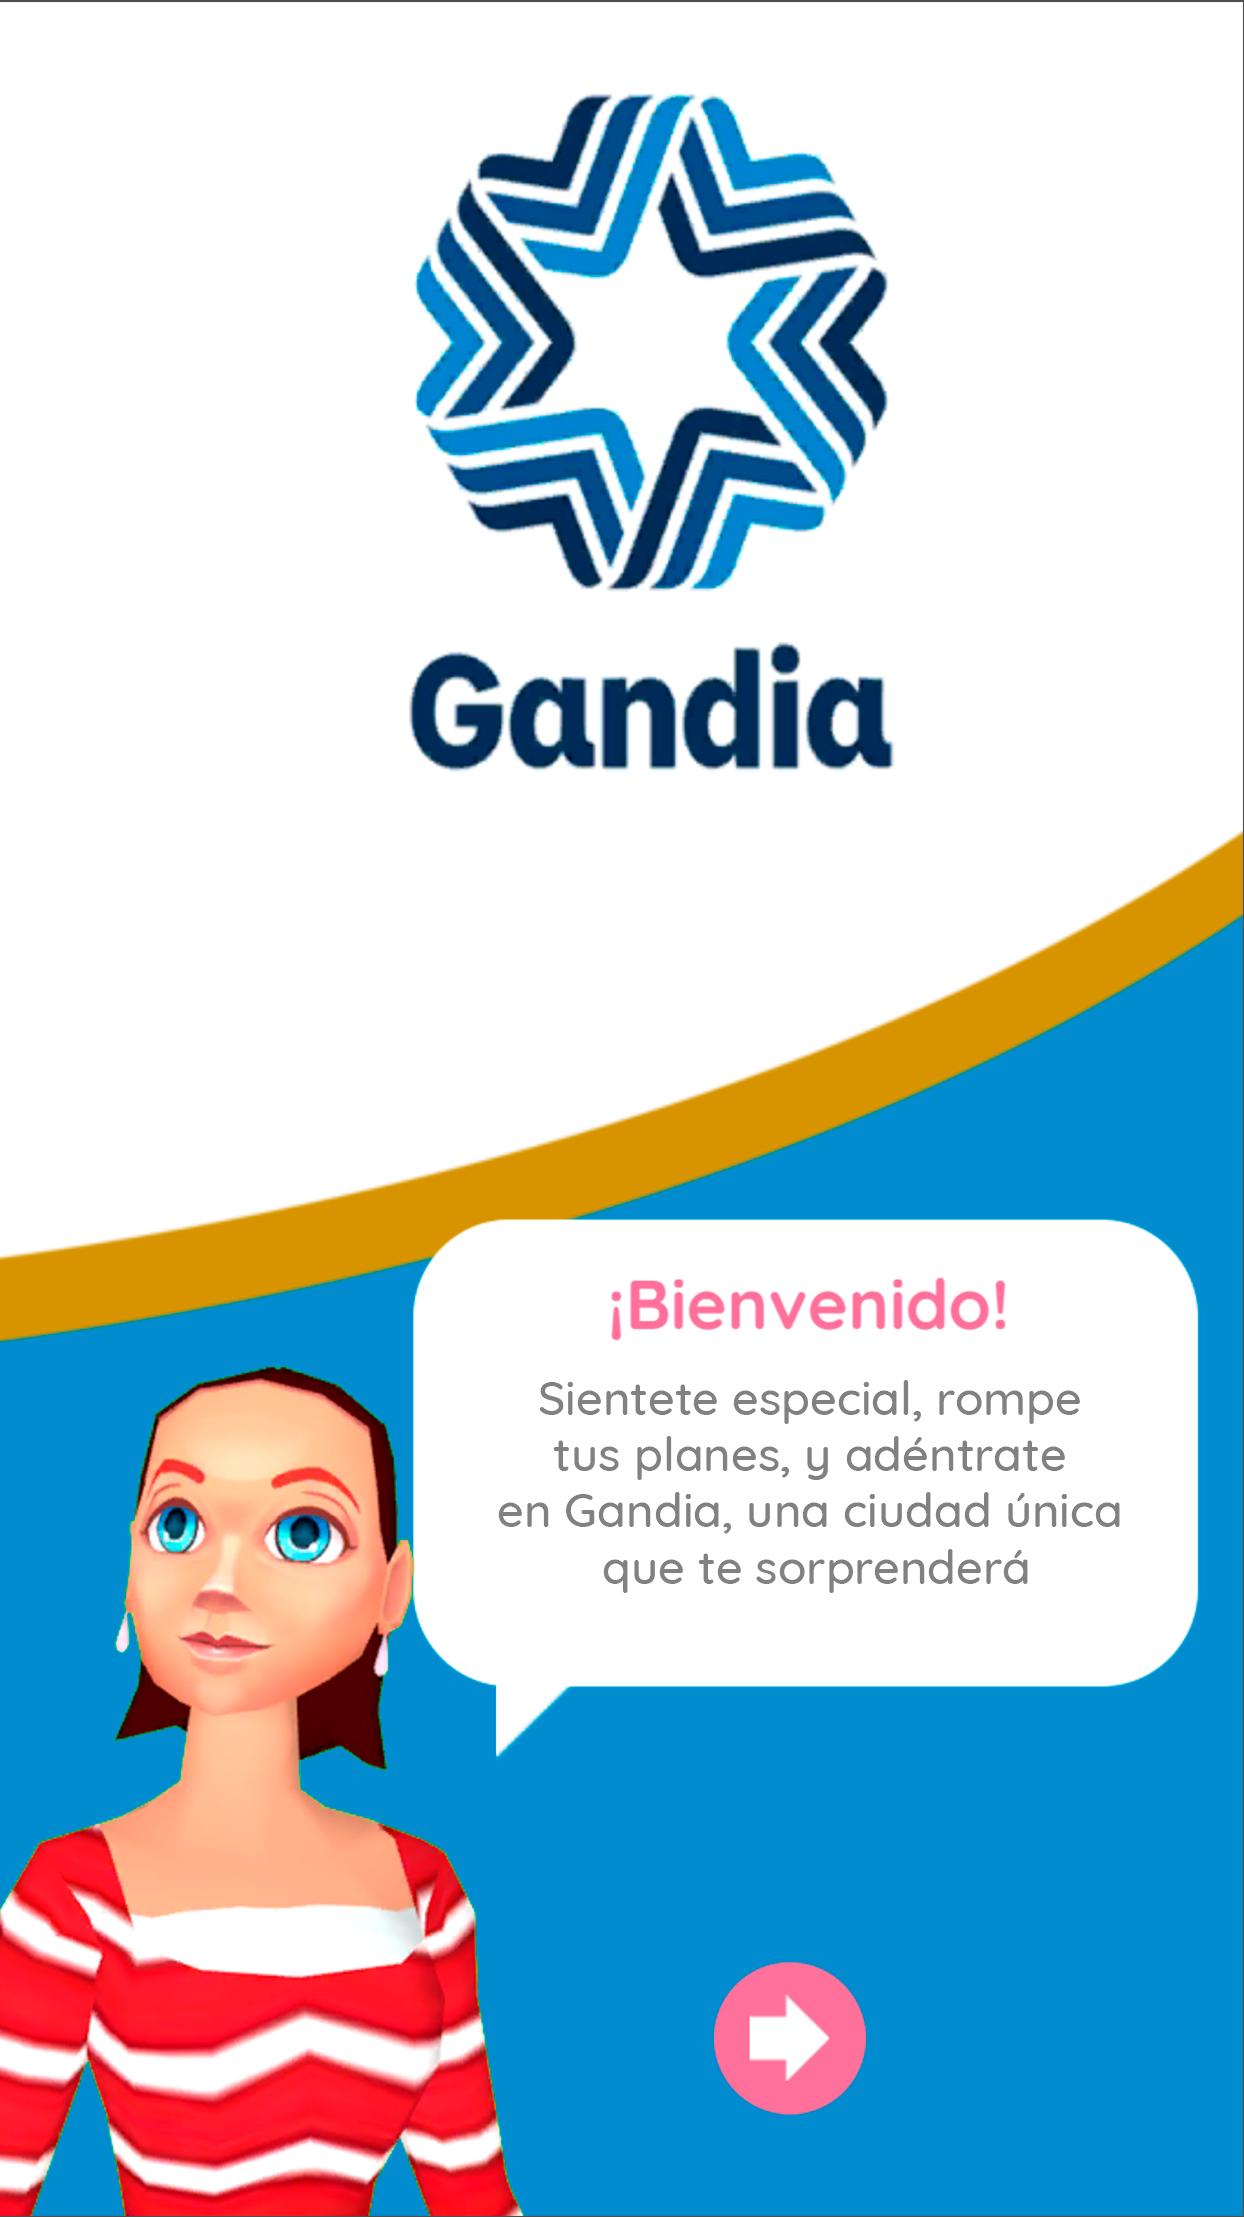 Gandia Tour&Play_01